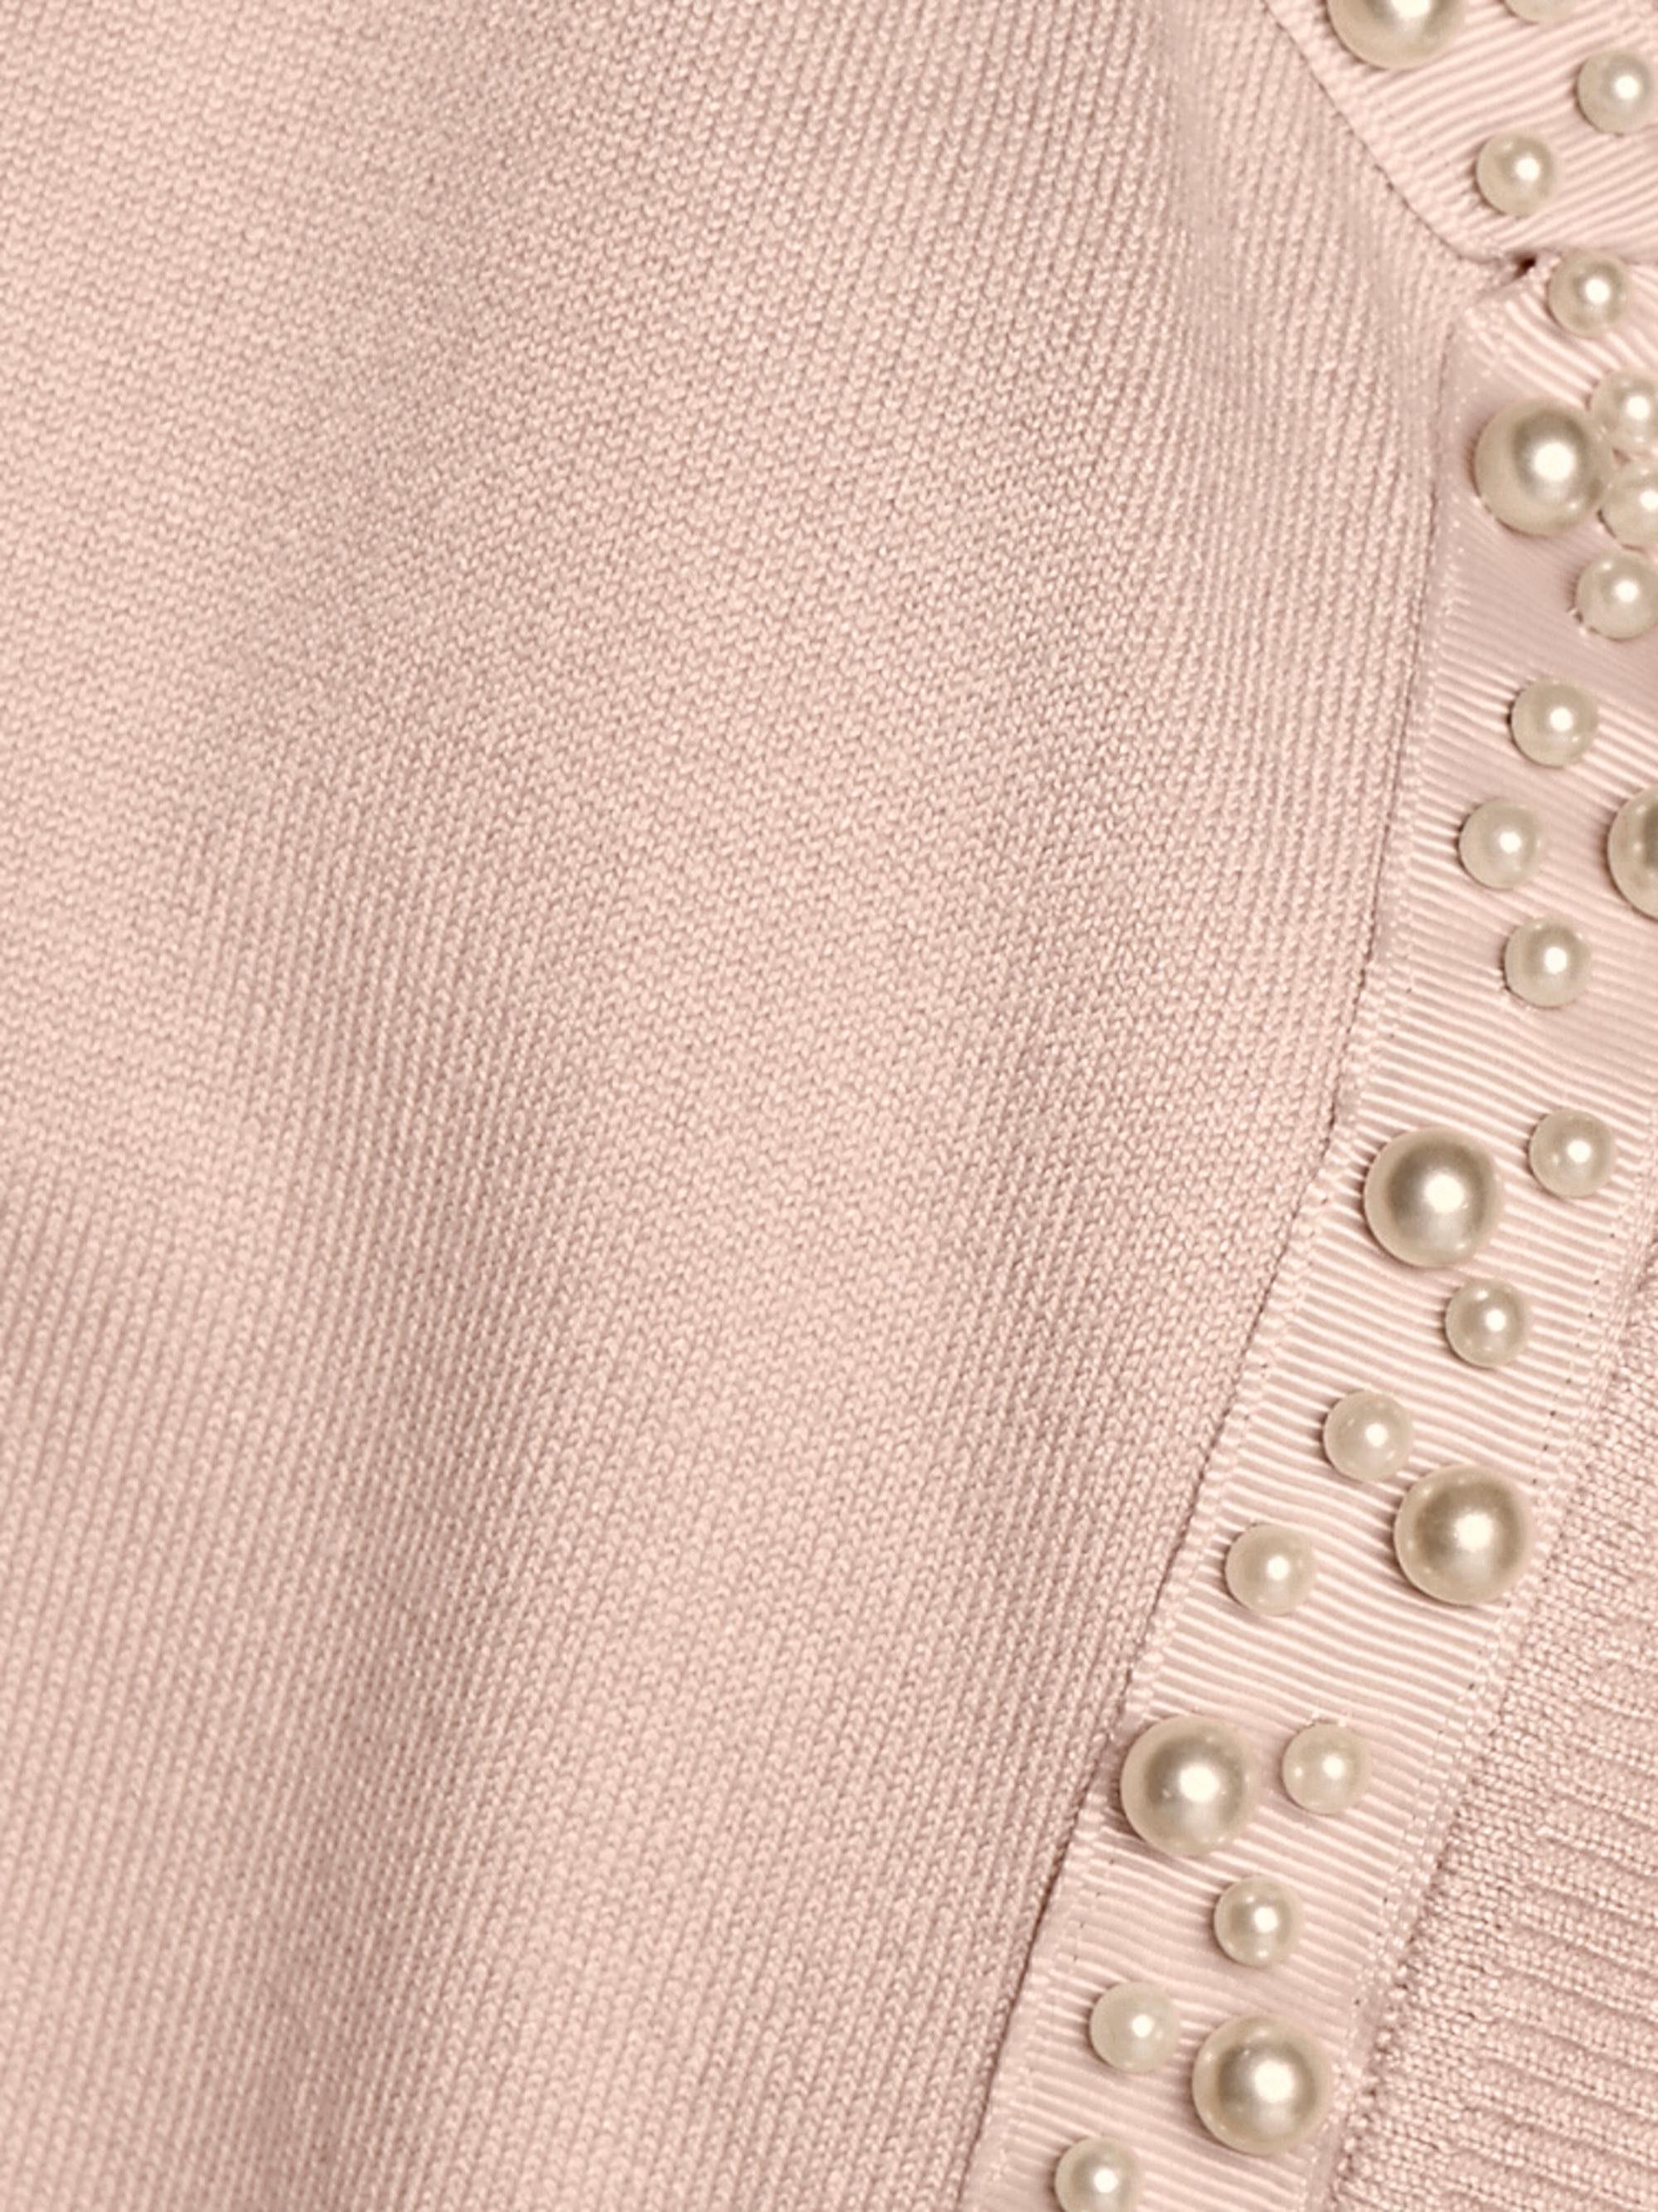 Kaufen Mit Cardigan Heine Style Perlenbesatz PXuikZ